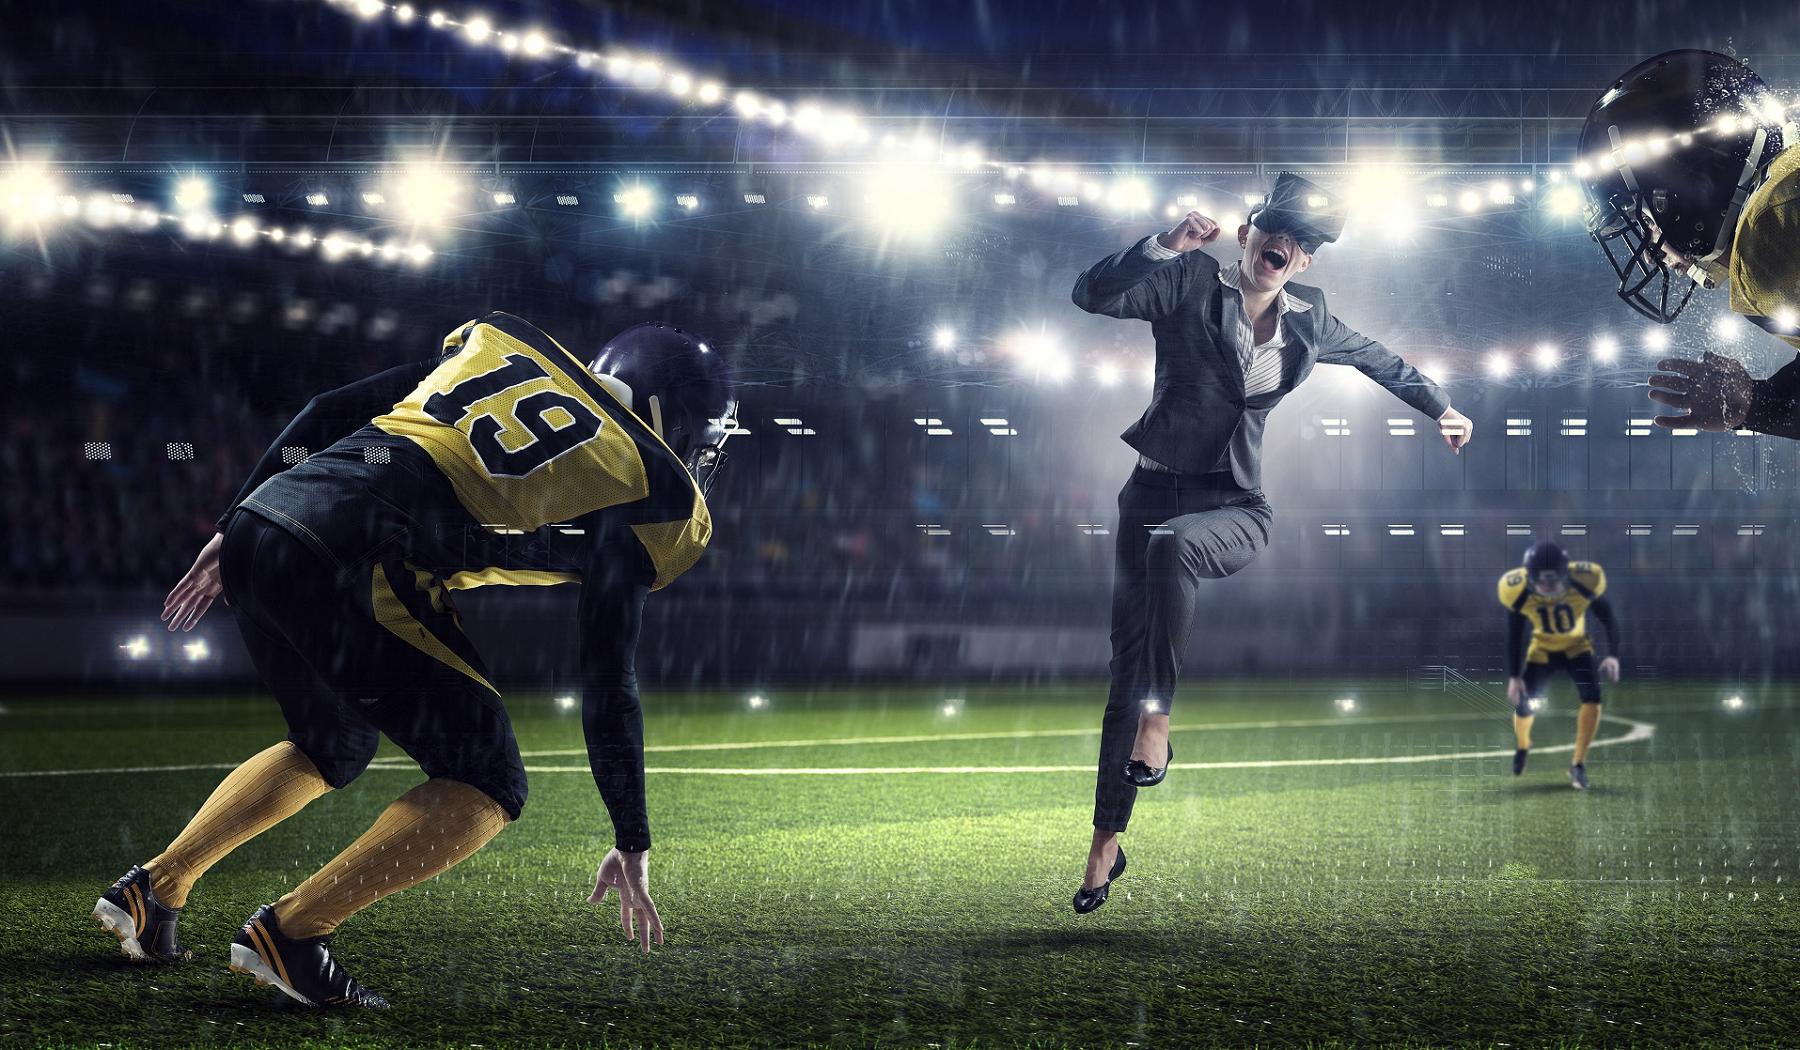 Betting on virtual sports www.businesstoday.co.ke